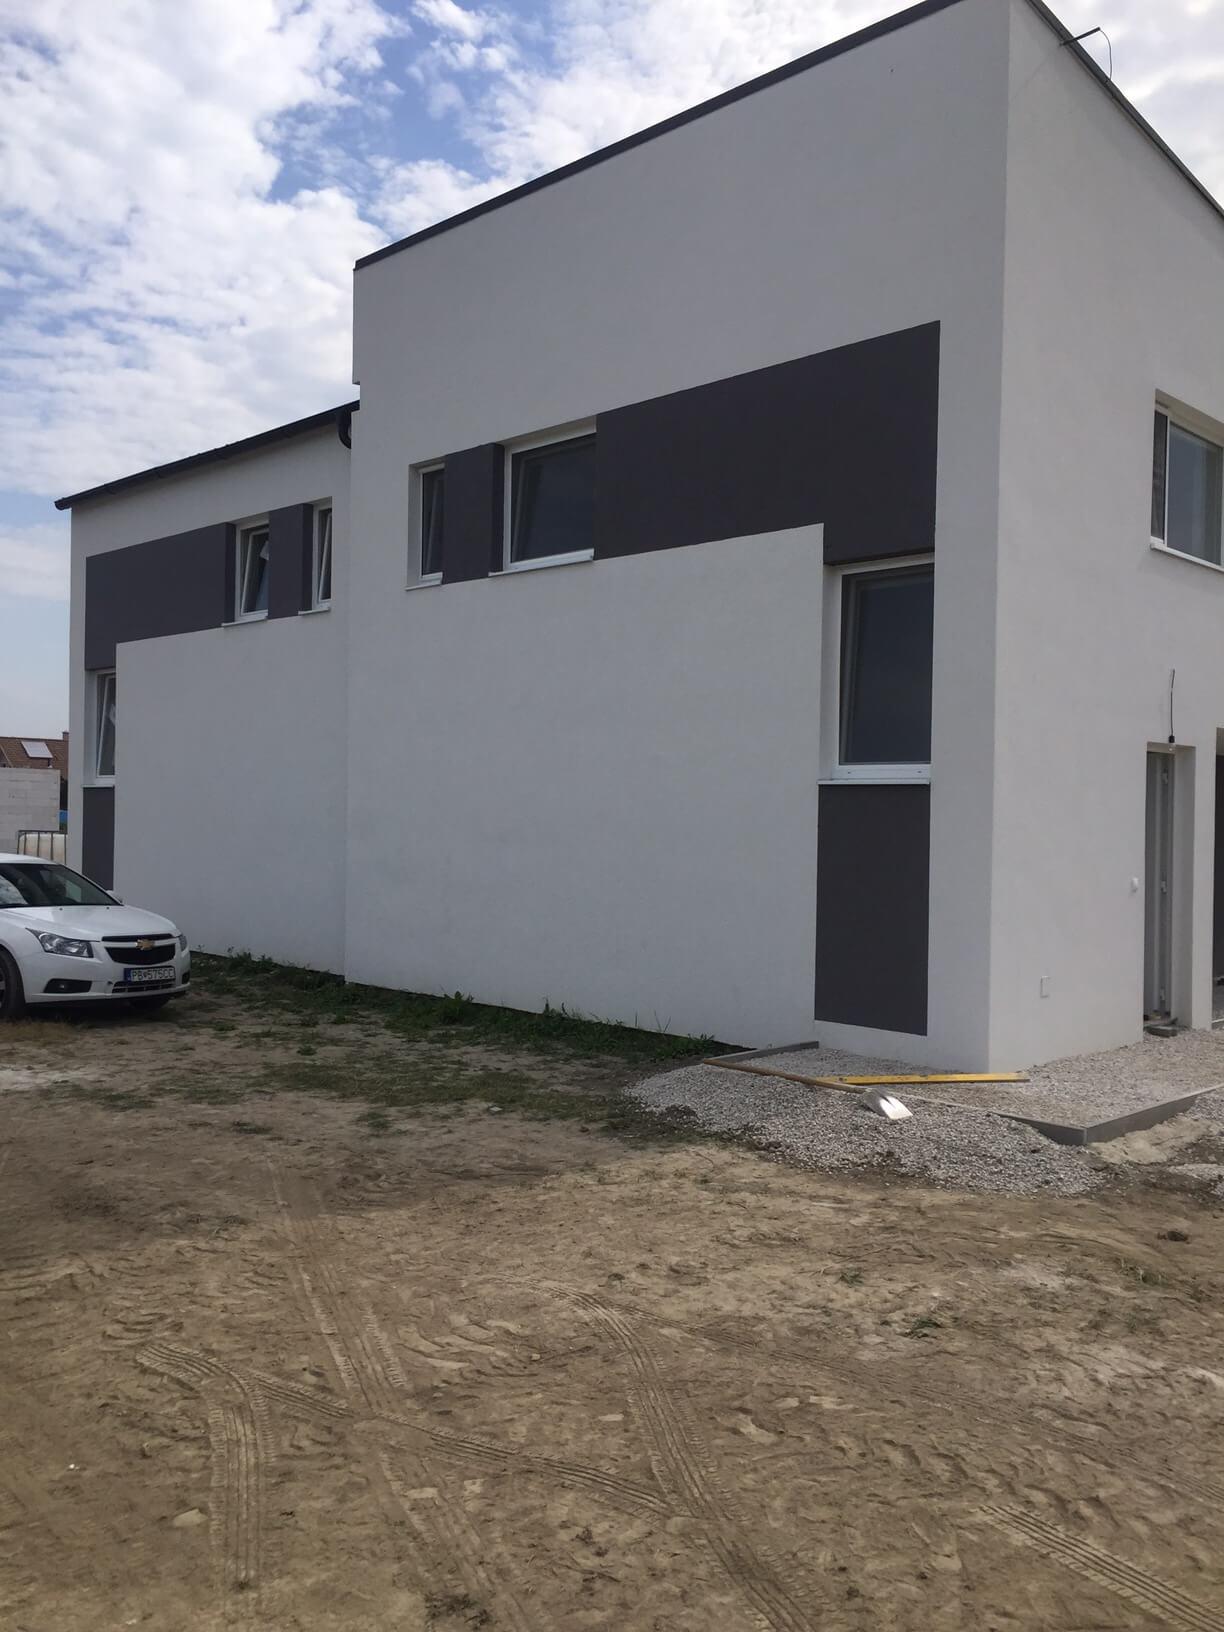 Predané: Posledný Rodinný dom v Dunajskej Lužnej v tichej lokalite, pri Košariskách, pri vlaku, 106m2, pozemok 422m2-13